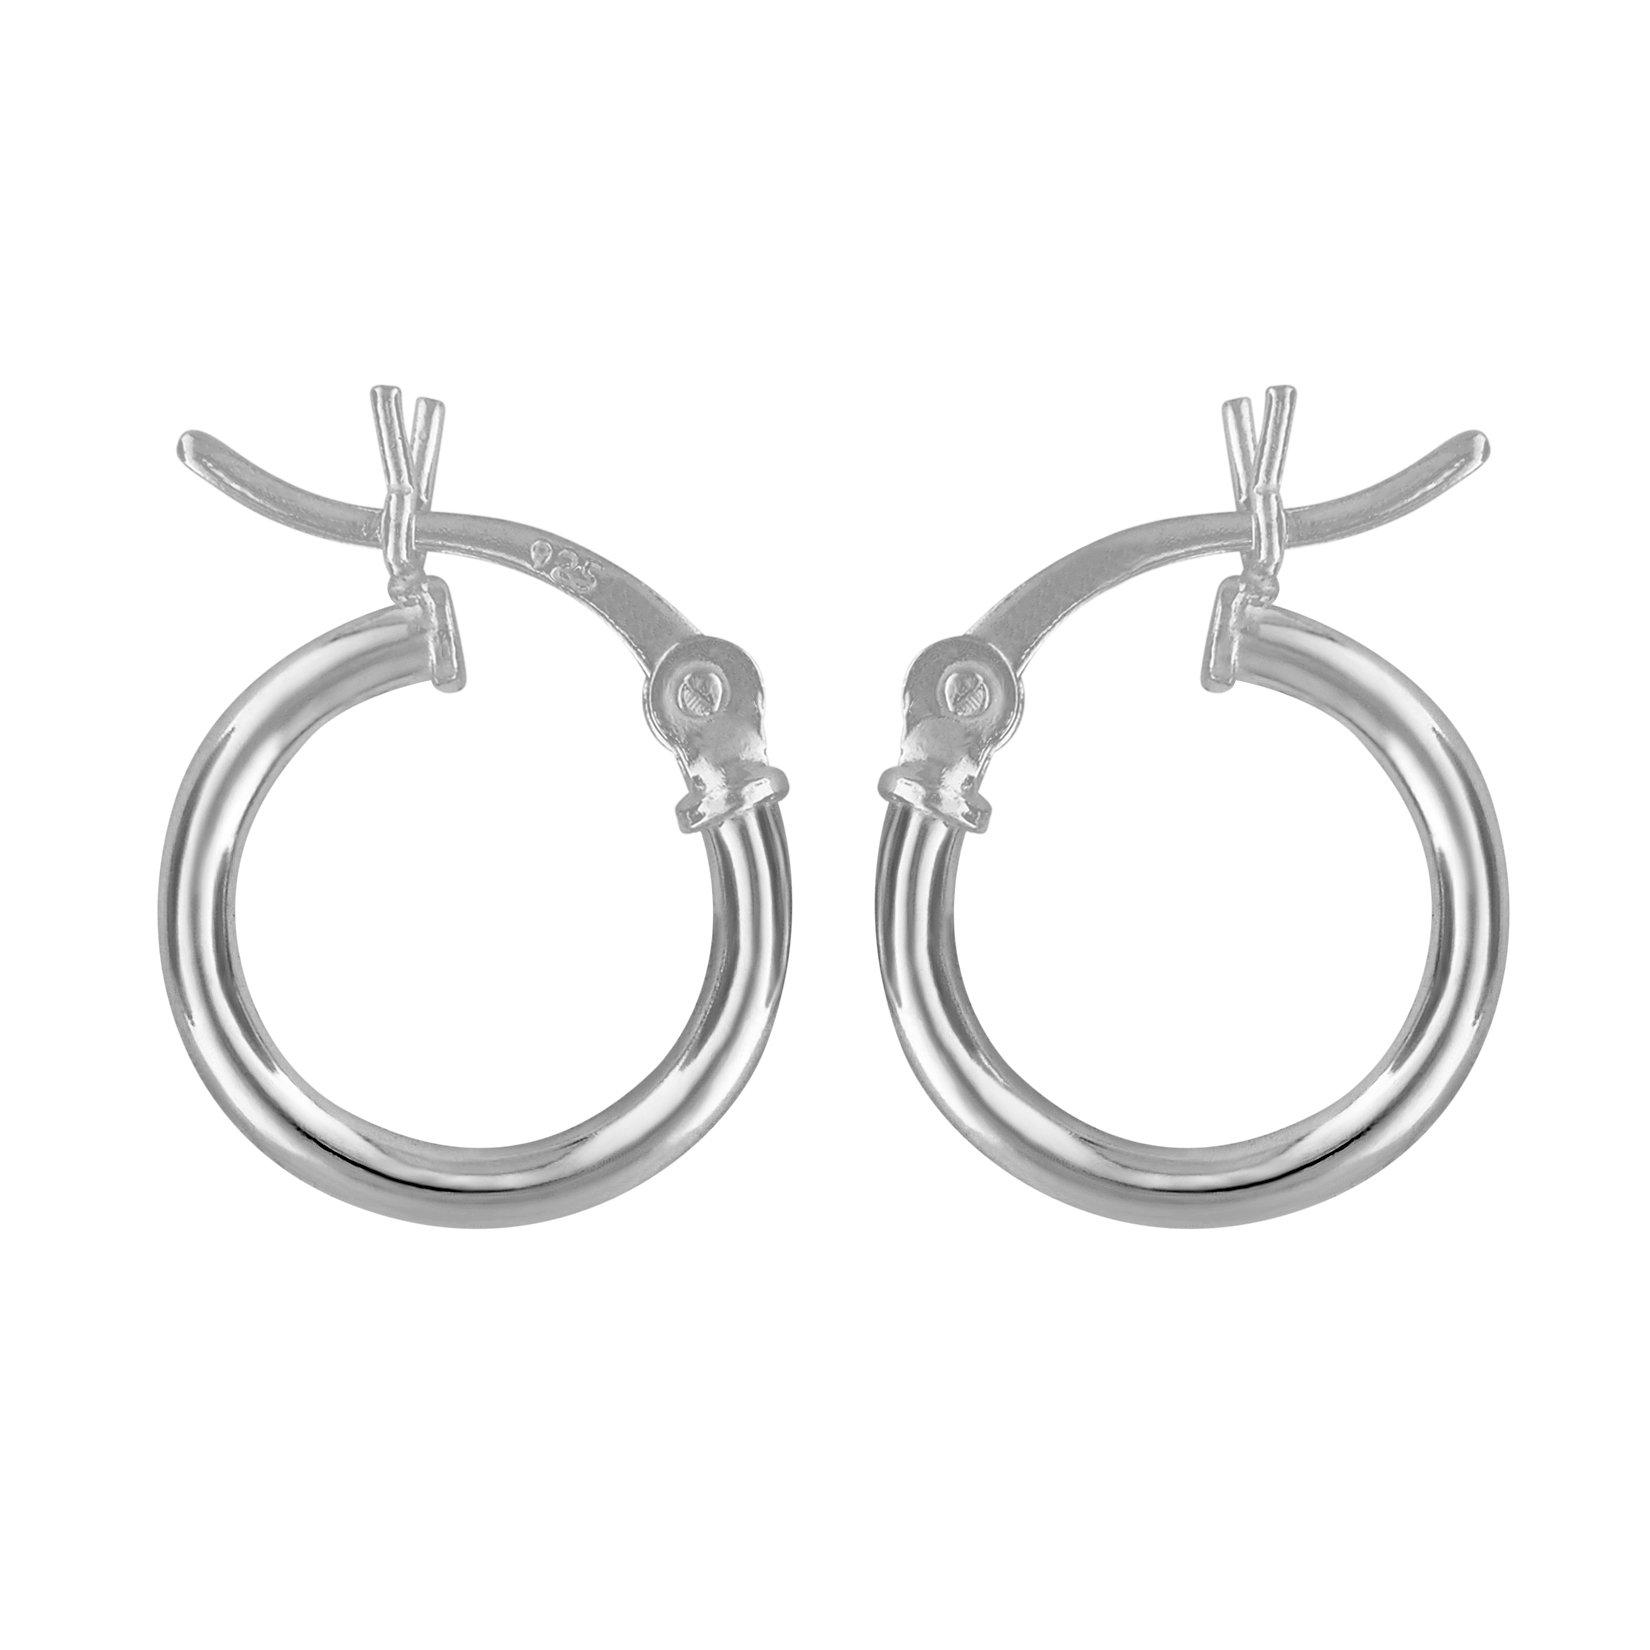 Sterling Silver Small Huggies Hoop Earrings 2mm x 12mm